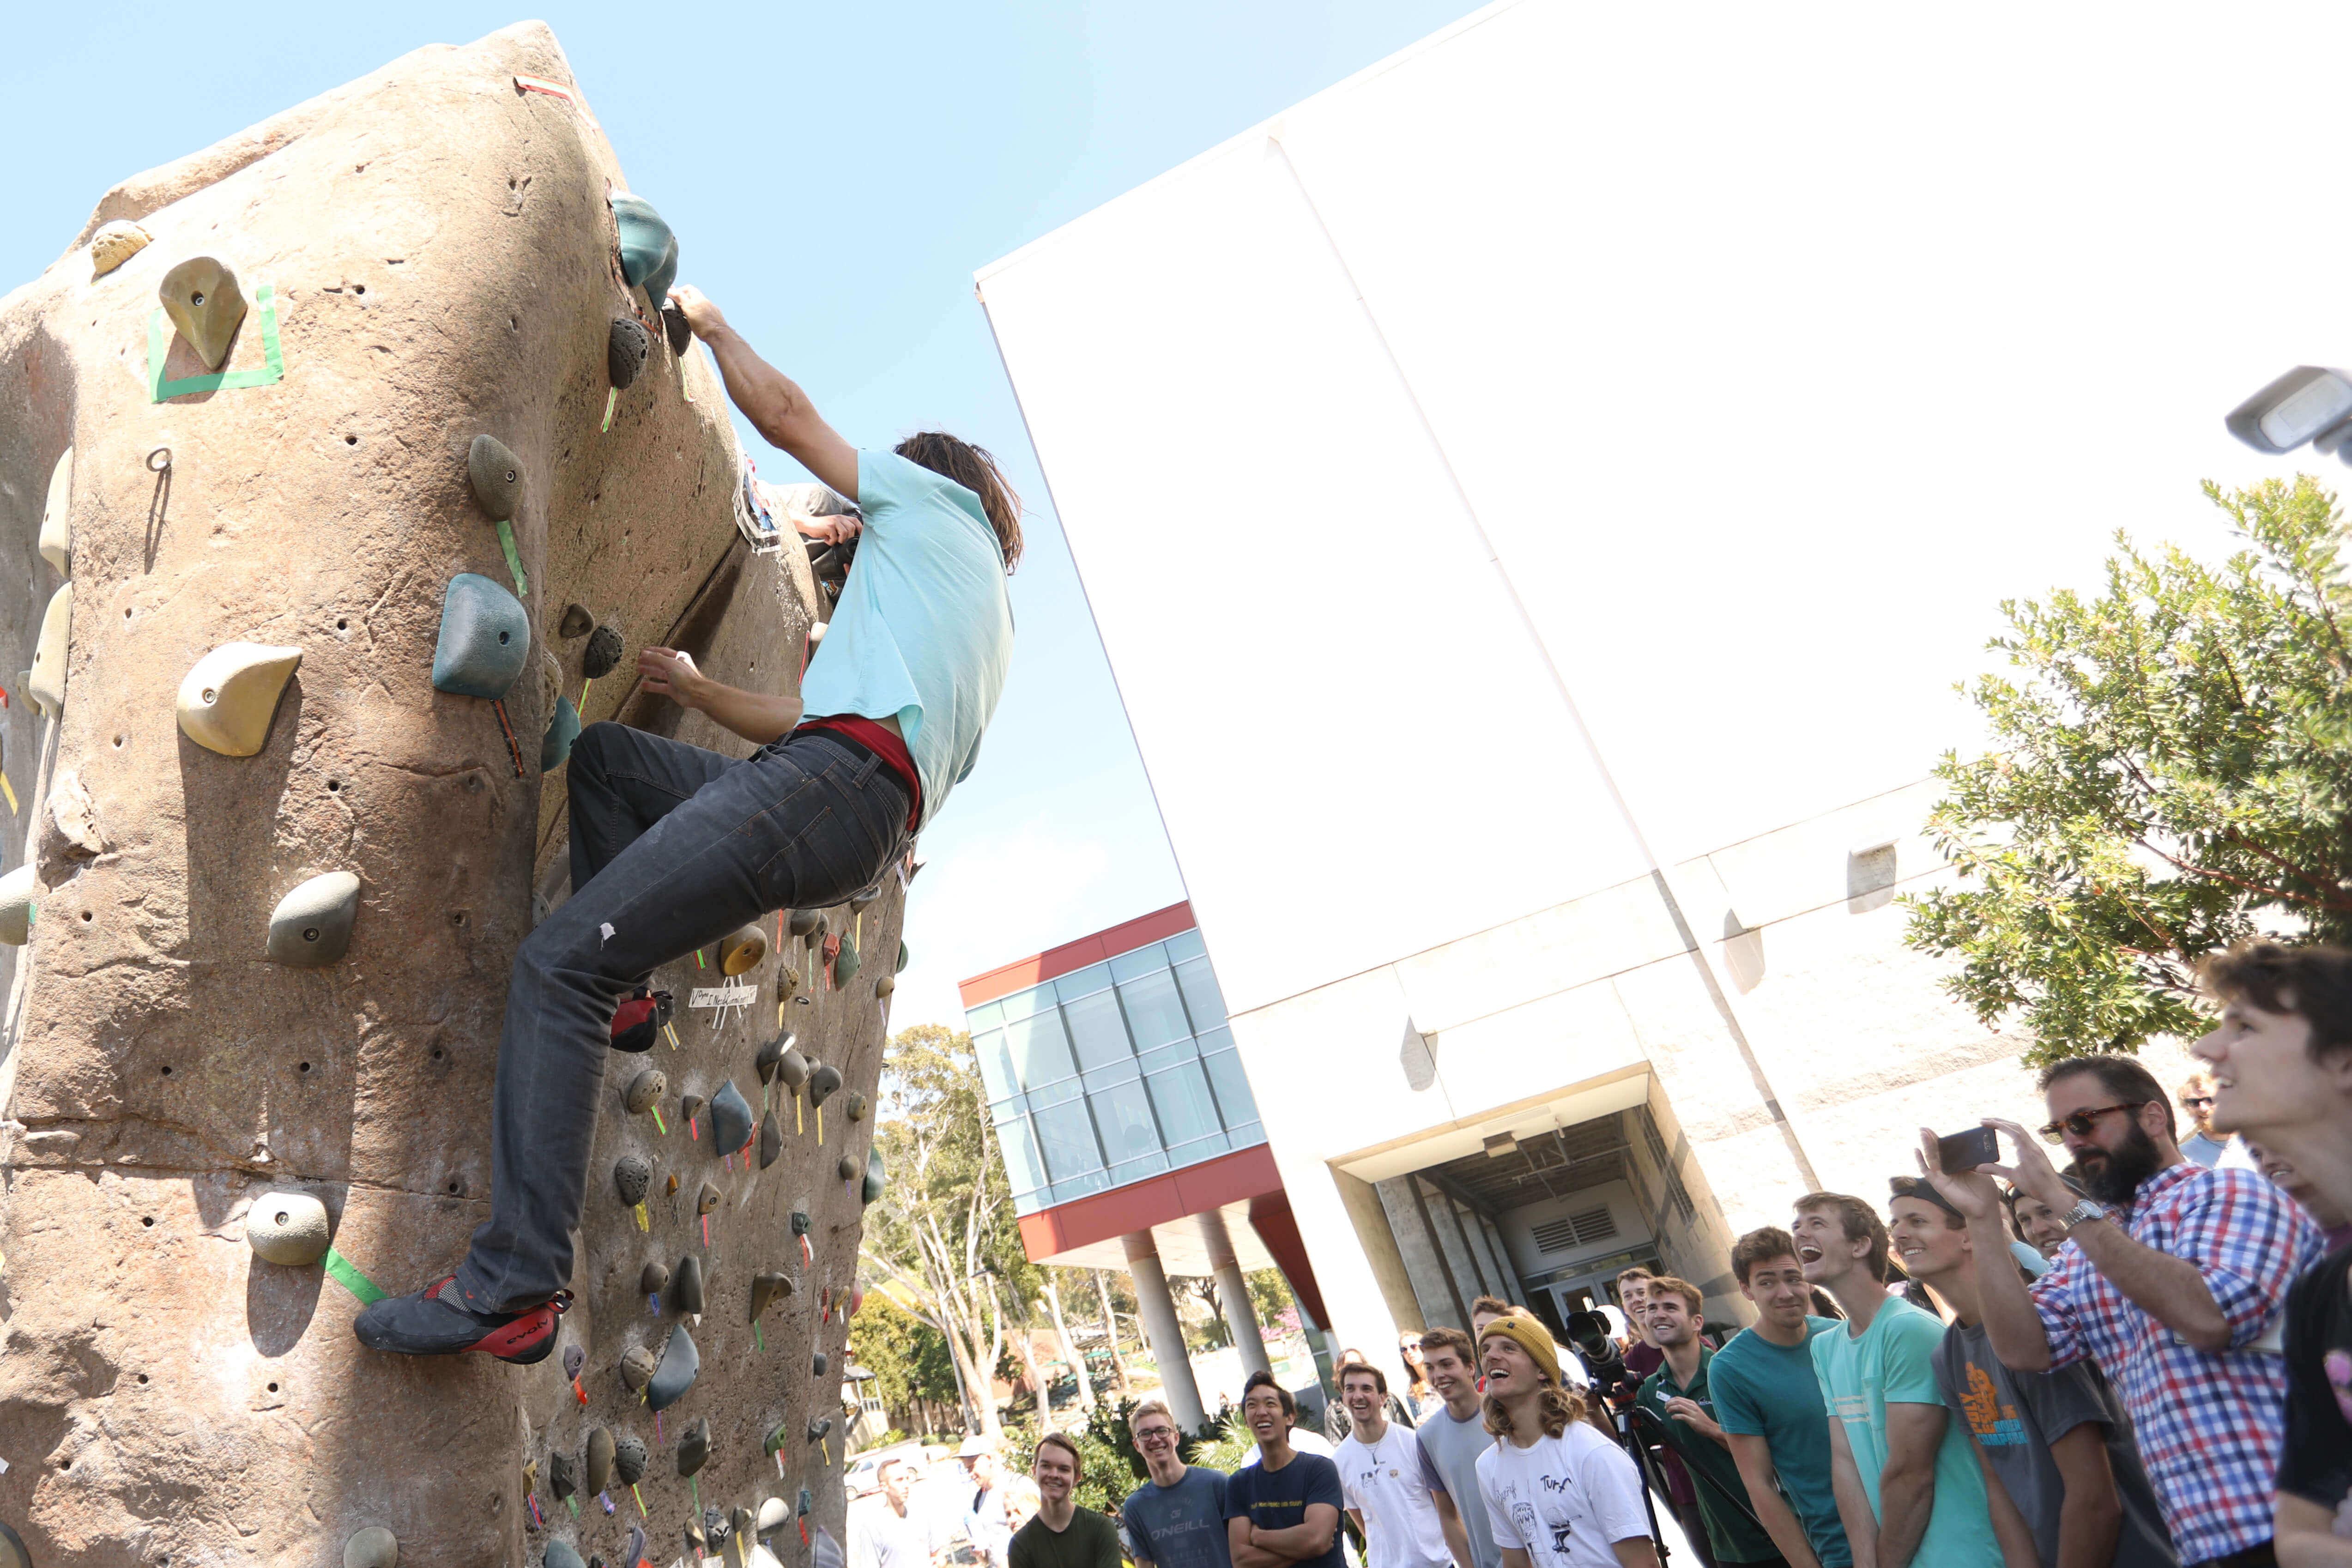 Professional climber Chris Sharma climbs at the Cal Poly climbing park.